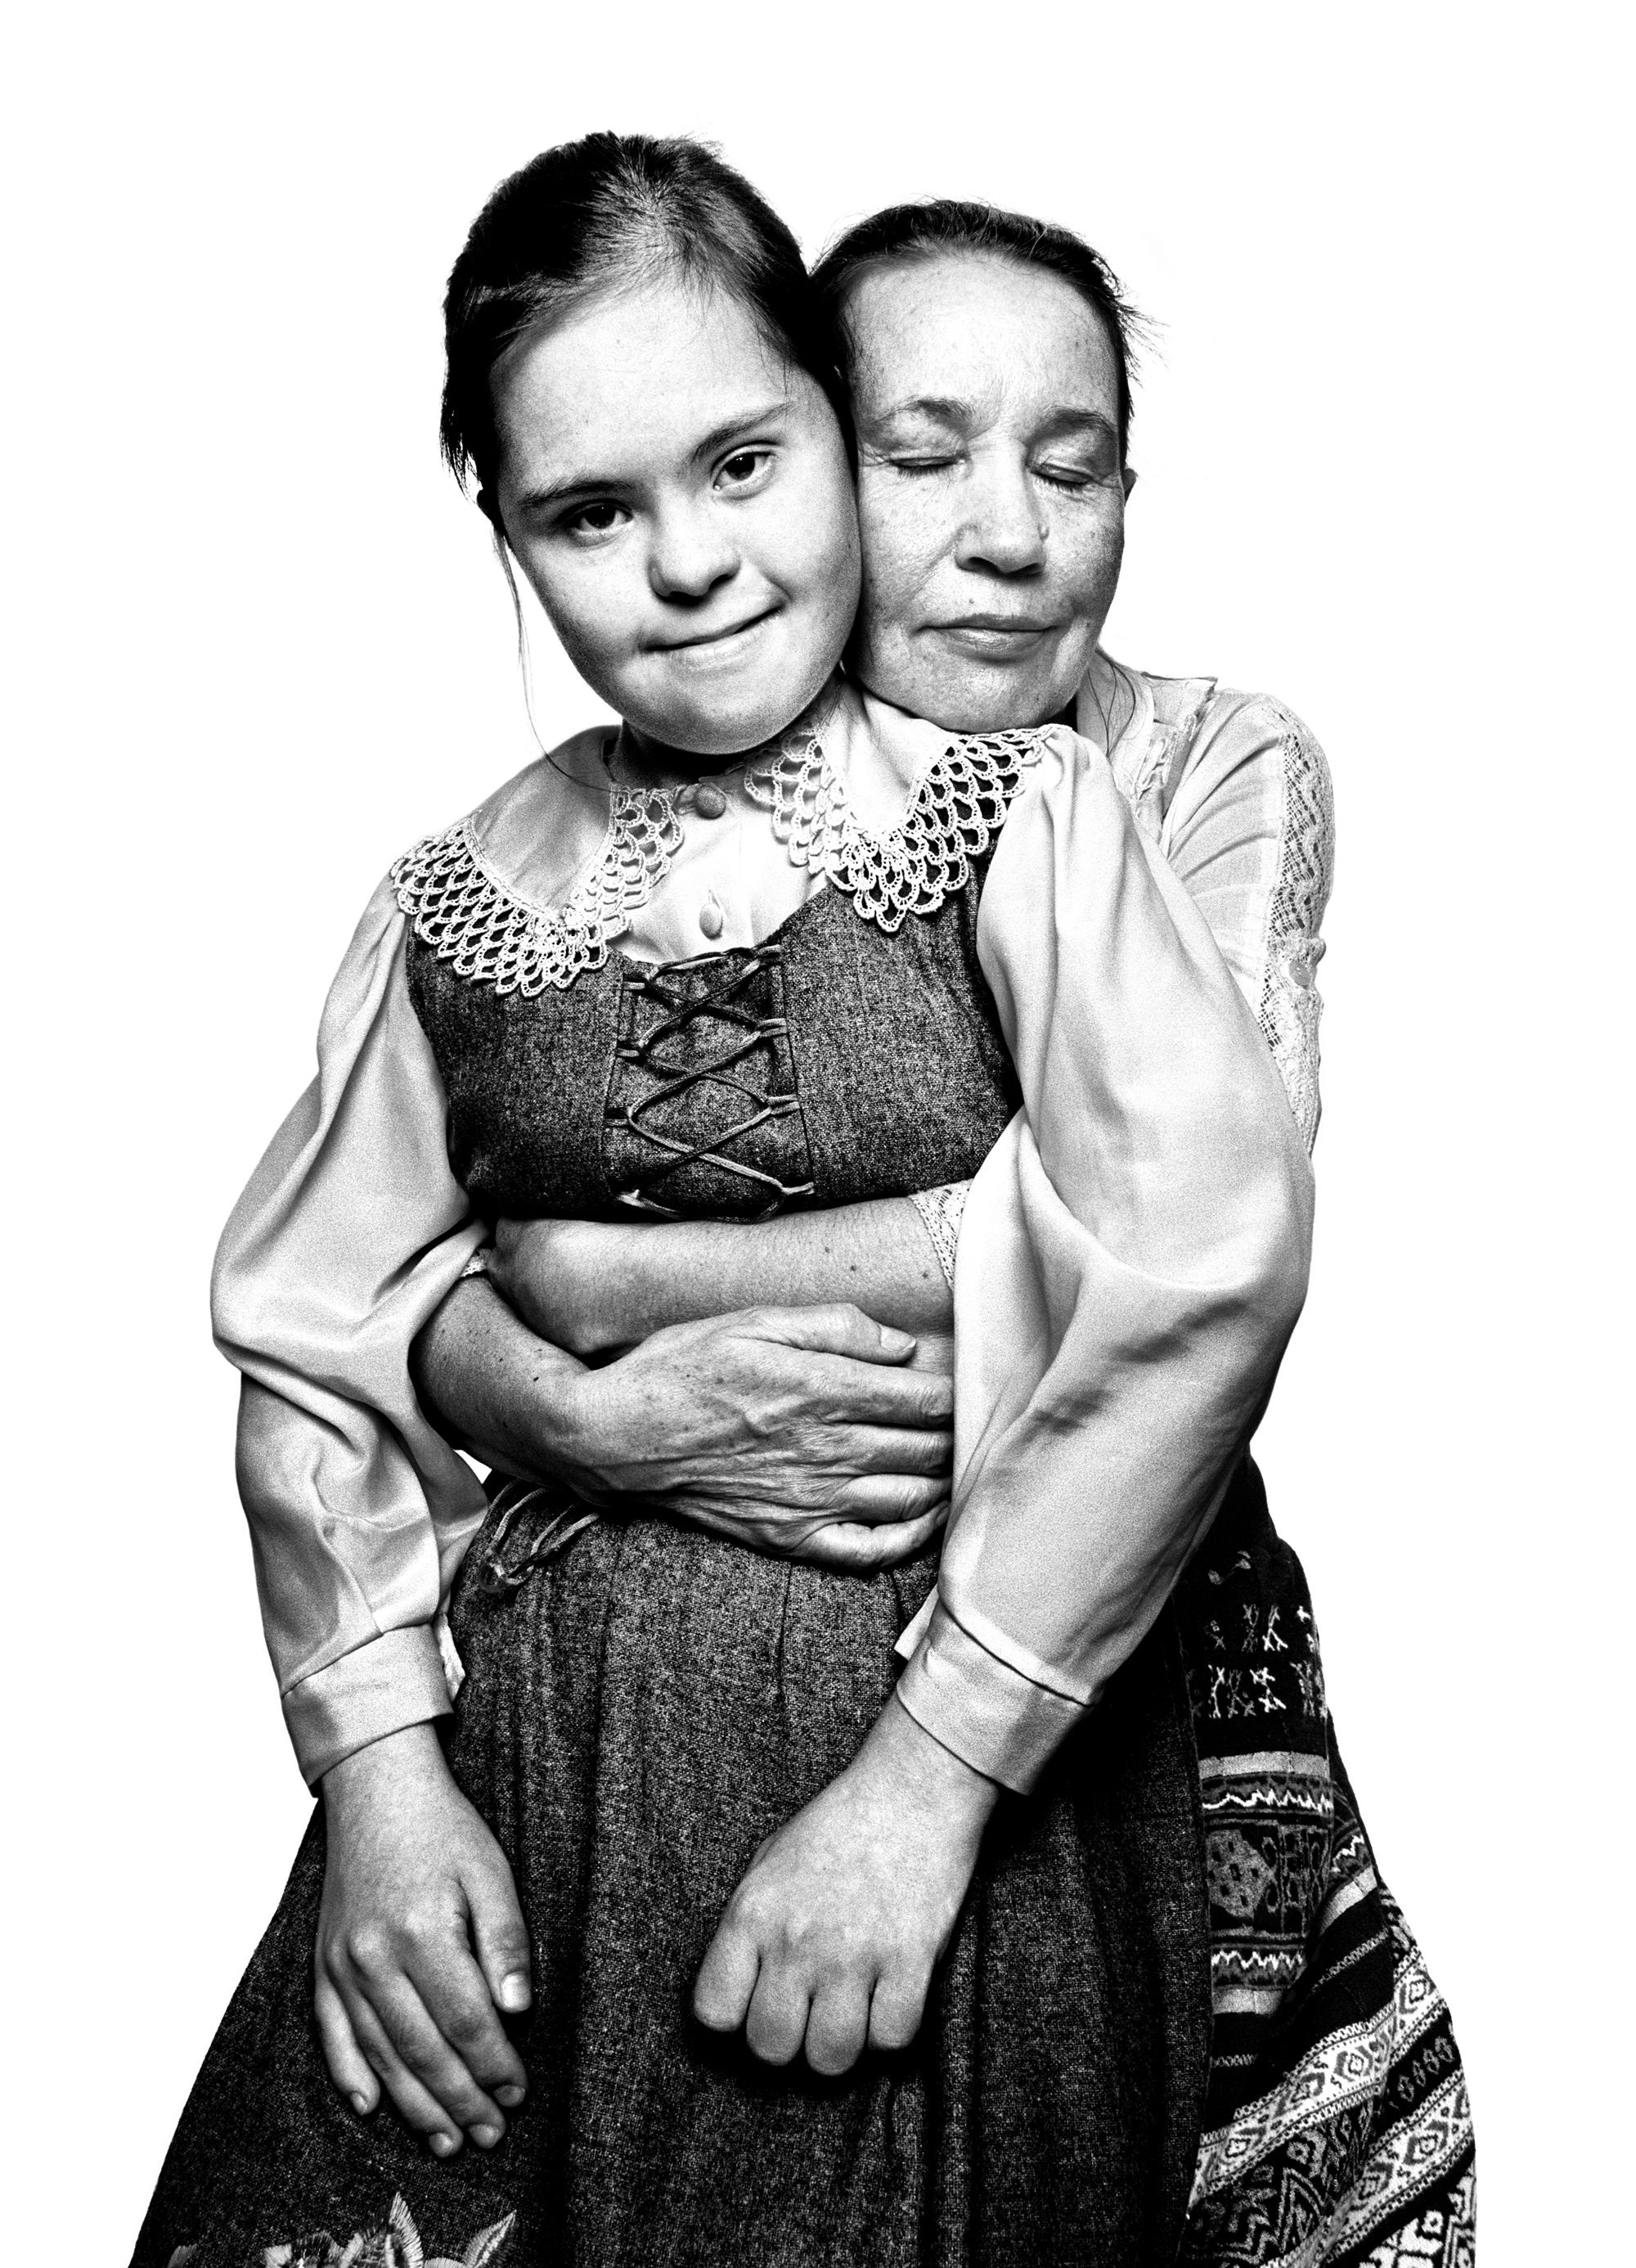 Vera Kocheshkova and her mother, Tatiana